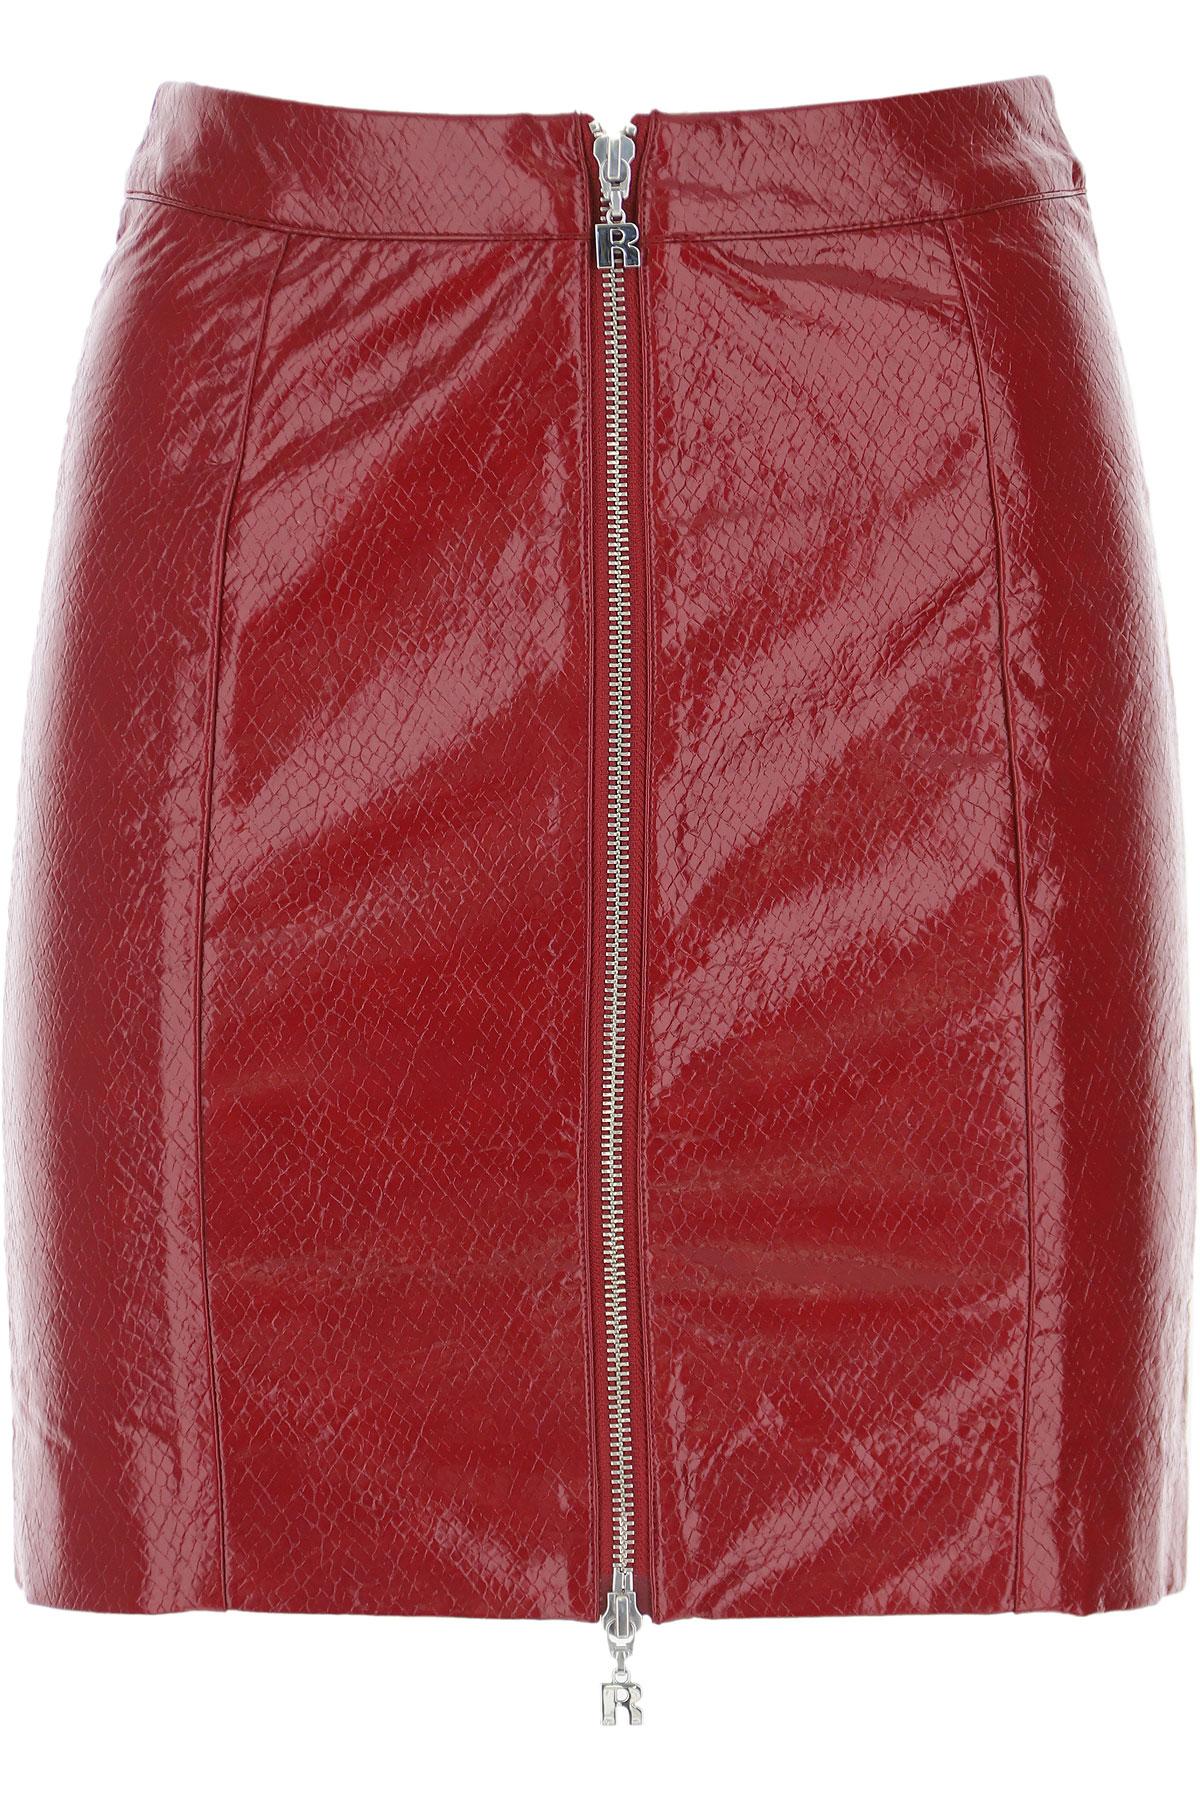 Rotate Skirt For Women, Red, Polyurethane, 2021, XS (IT 38) EU 32 - IT 36 EU 34 - IT 38